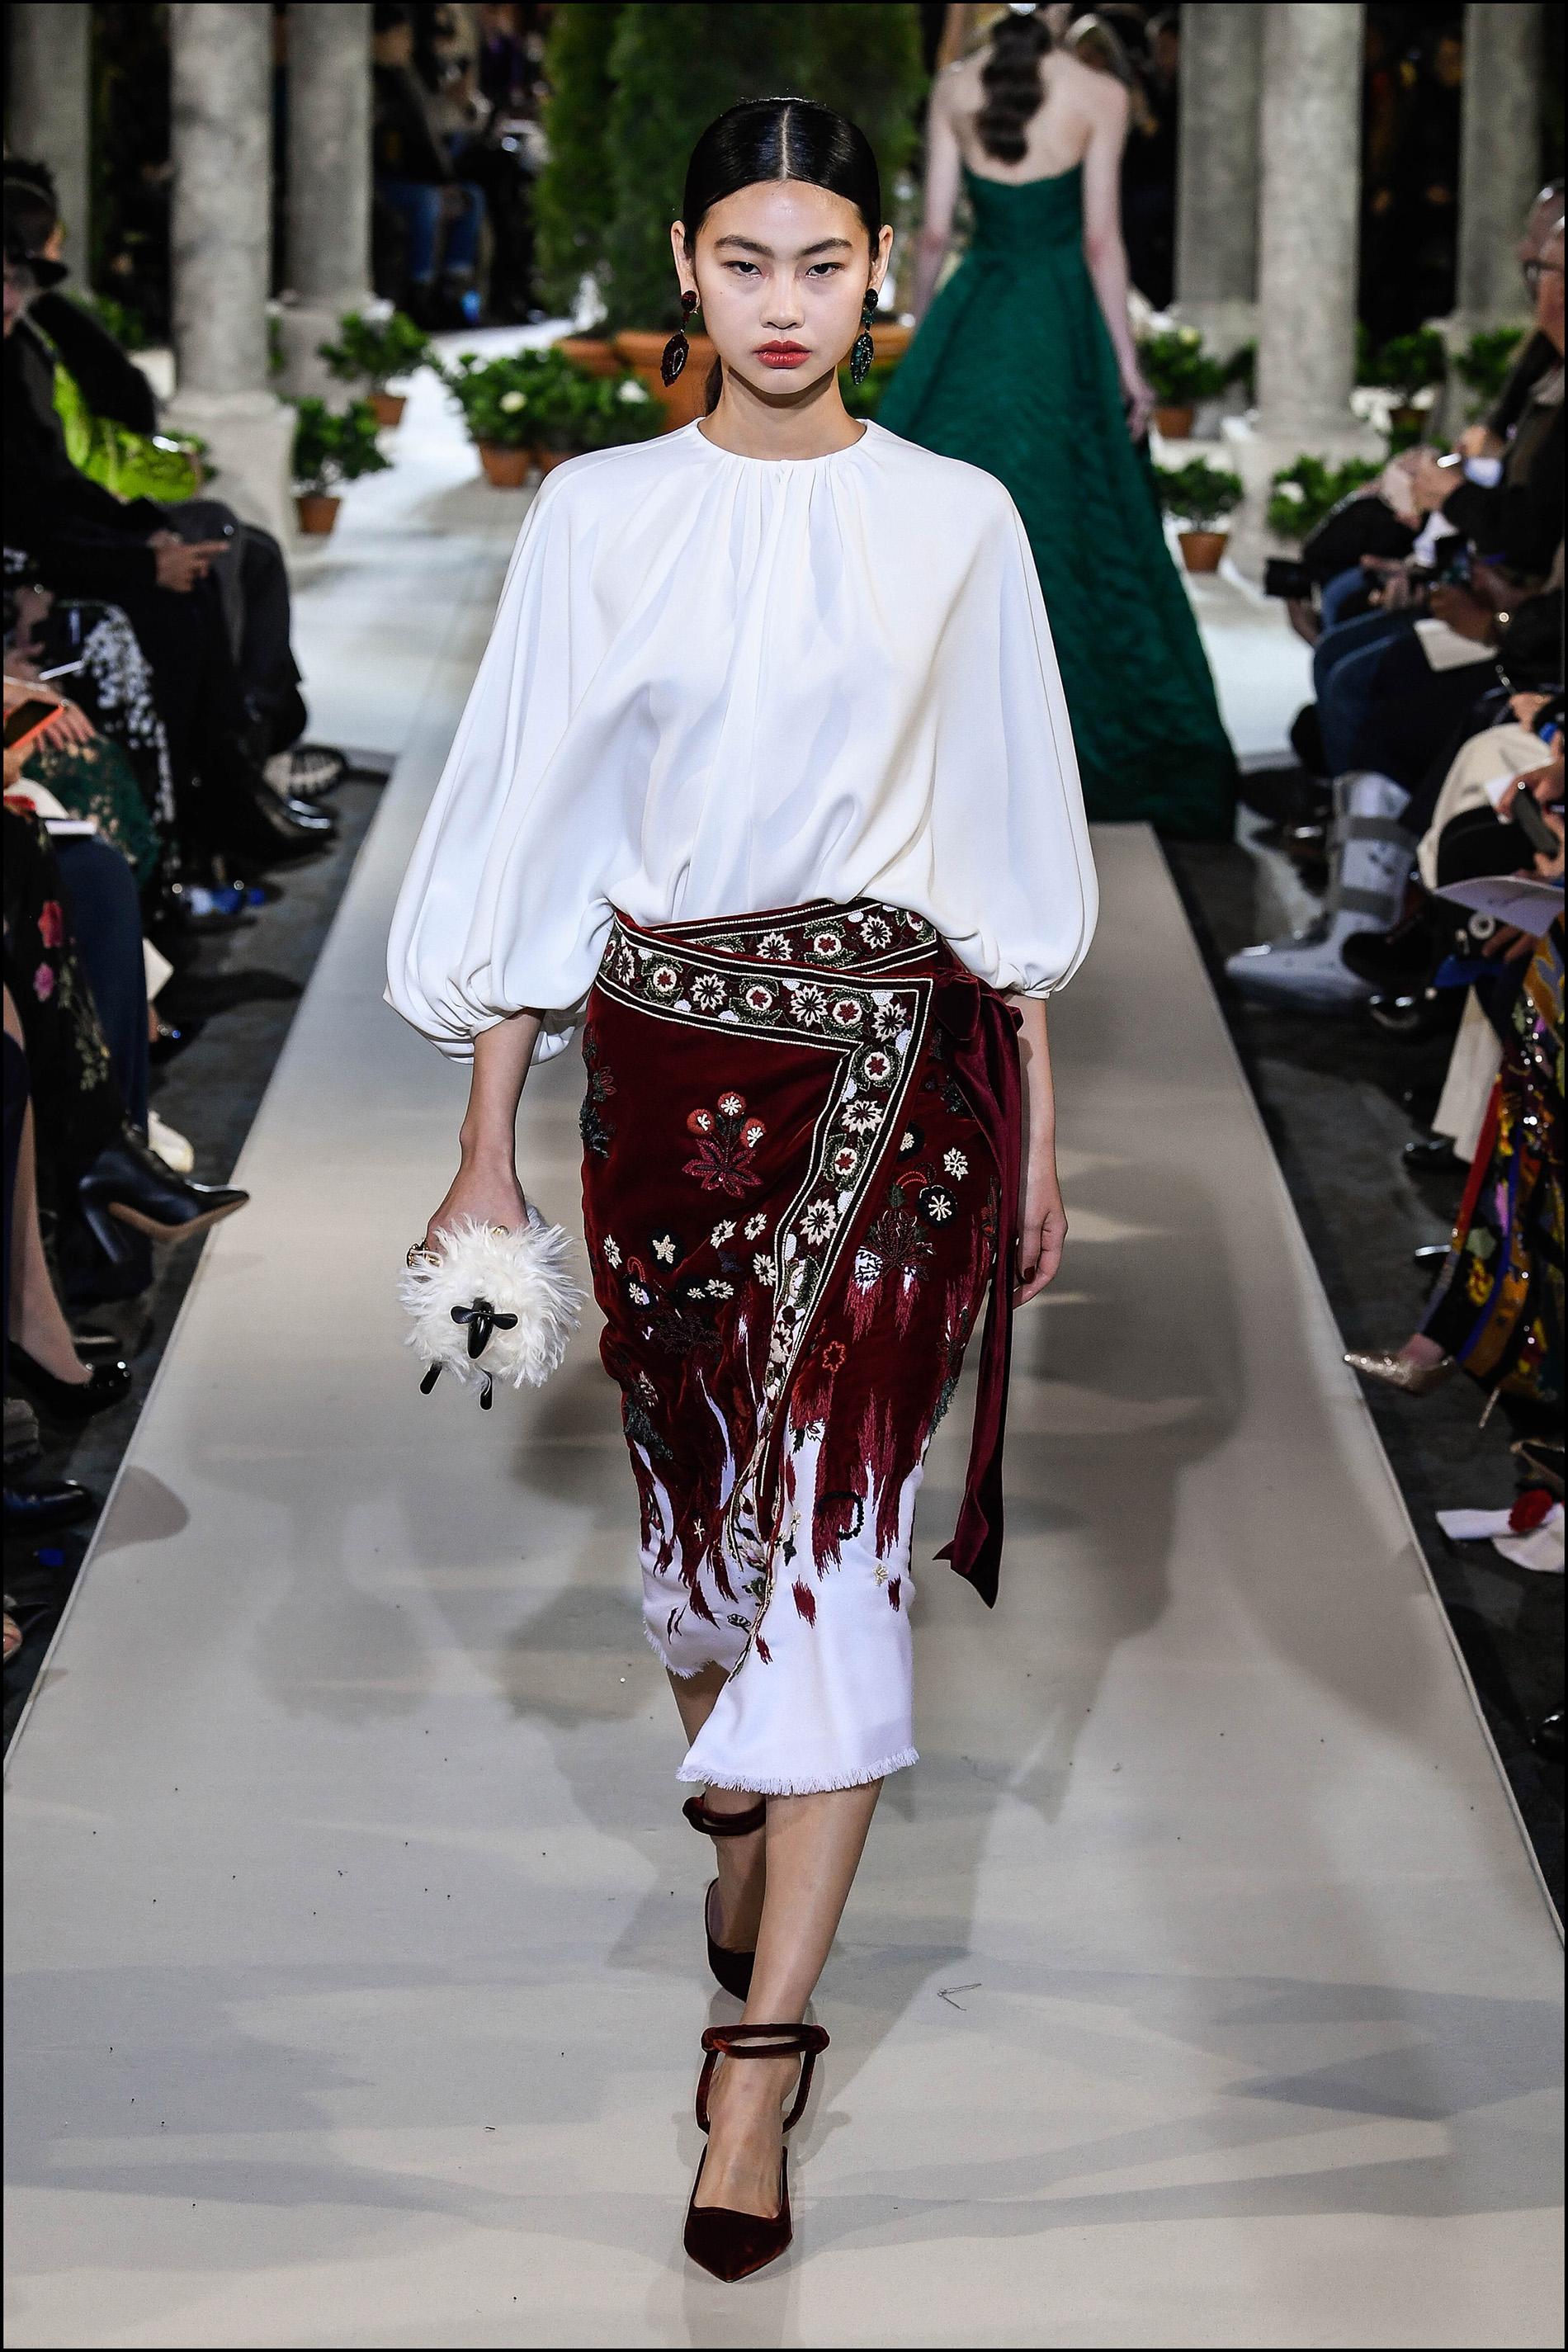 Faldas tipo pareo y blusas con mangas efecto globo.